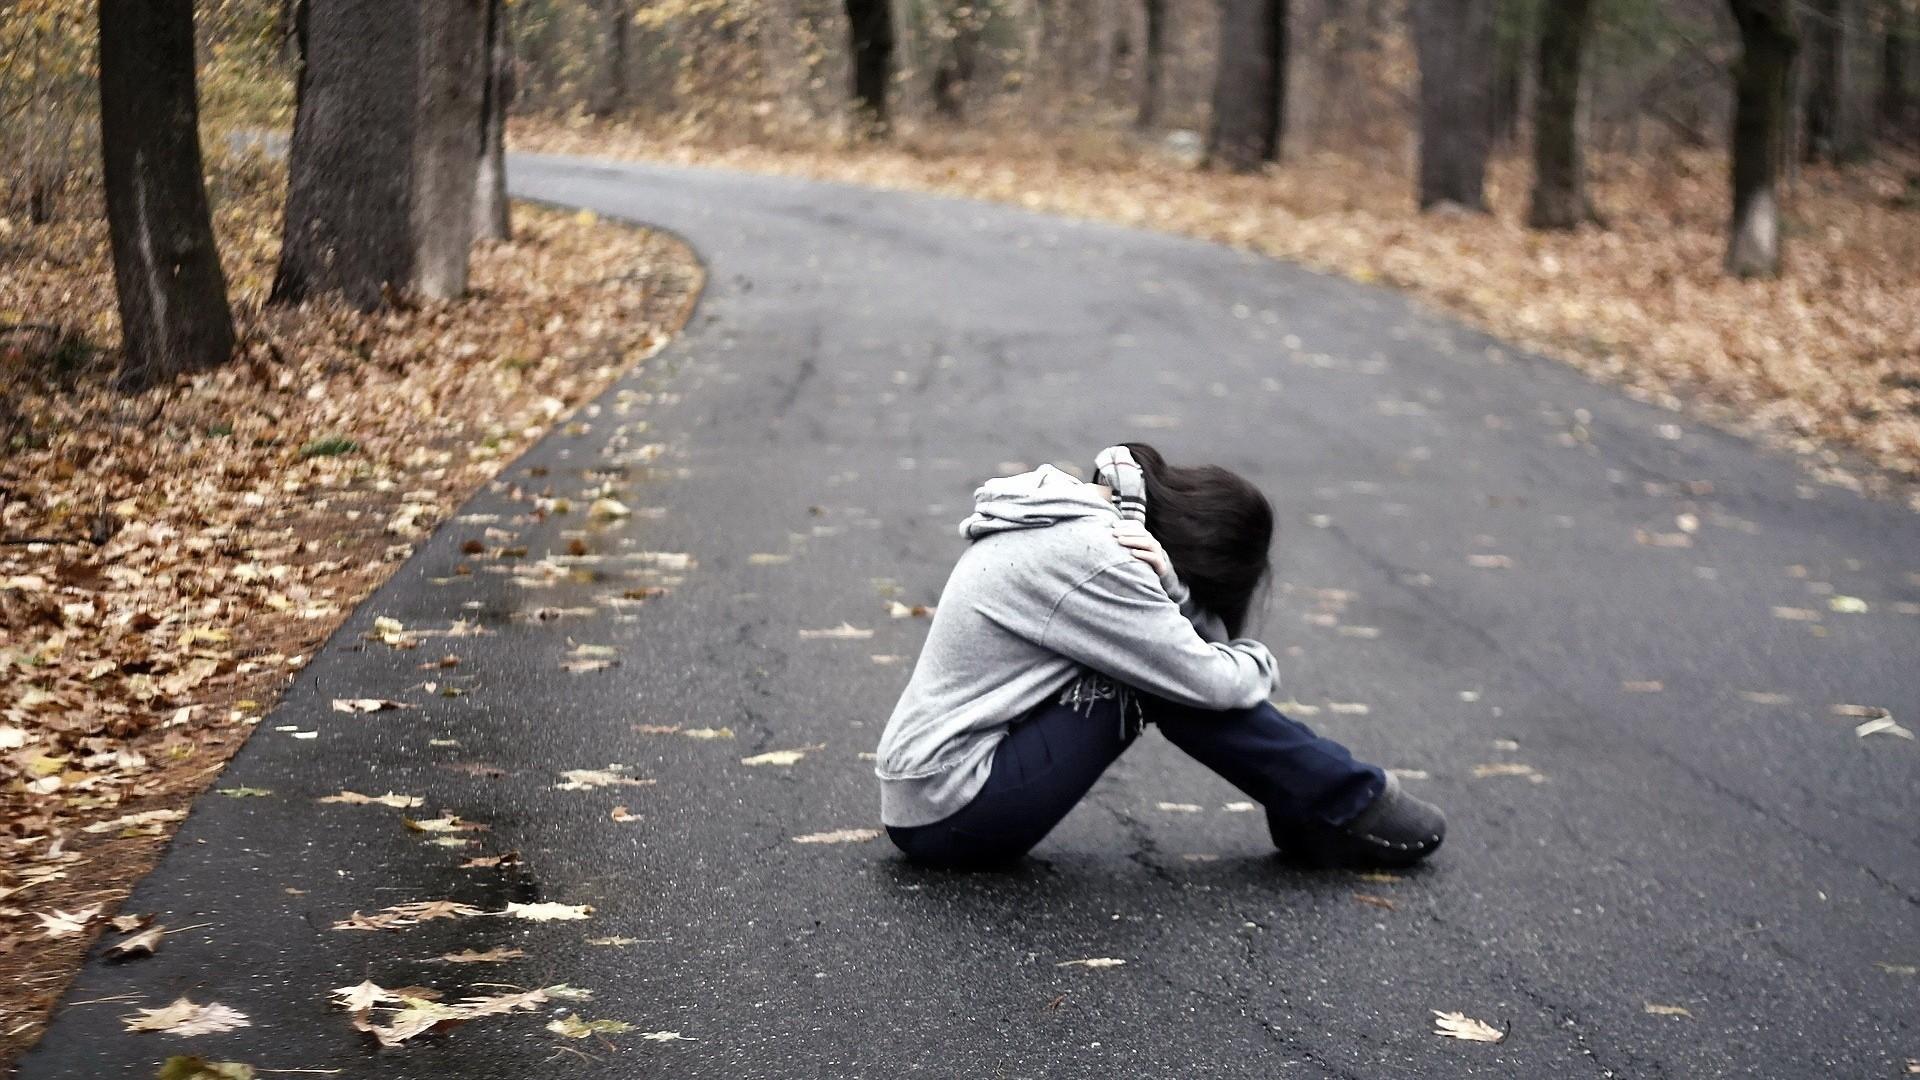 Alone Sad Wallpaper Picture hd